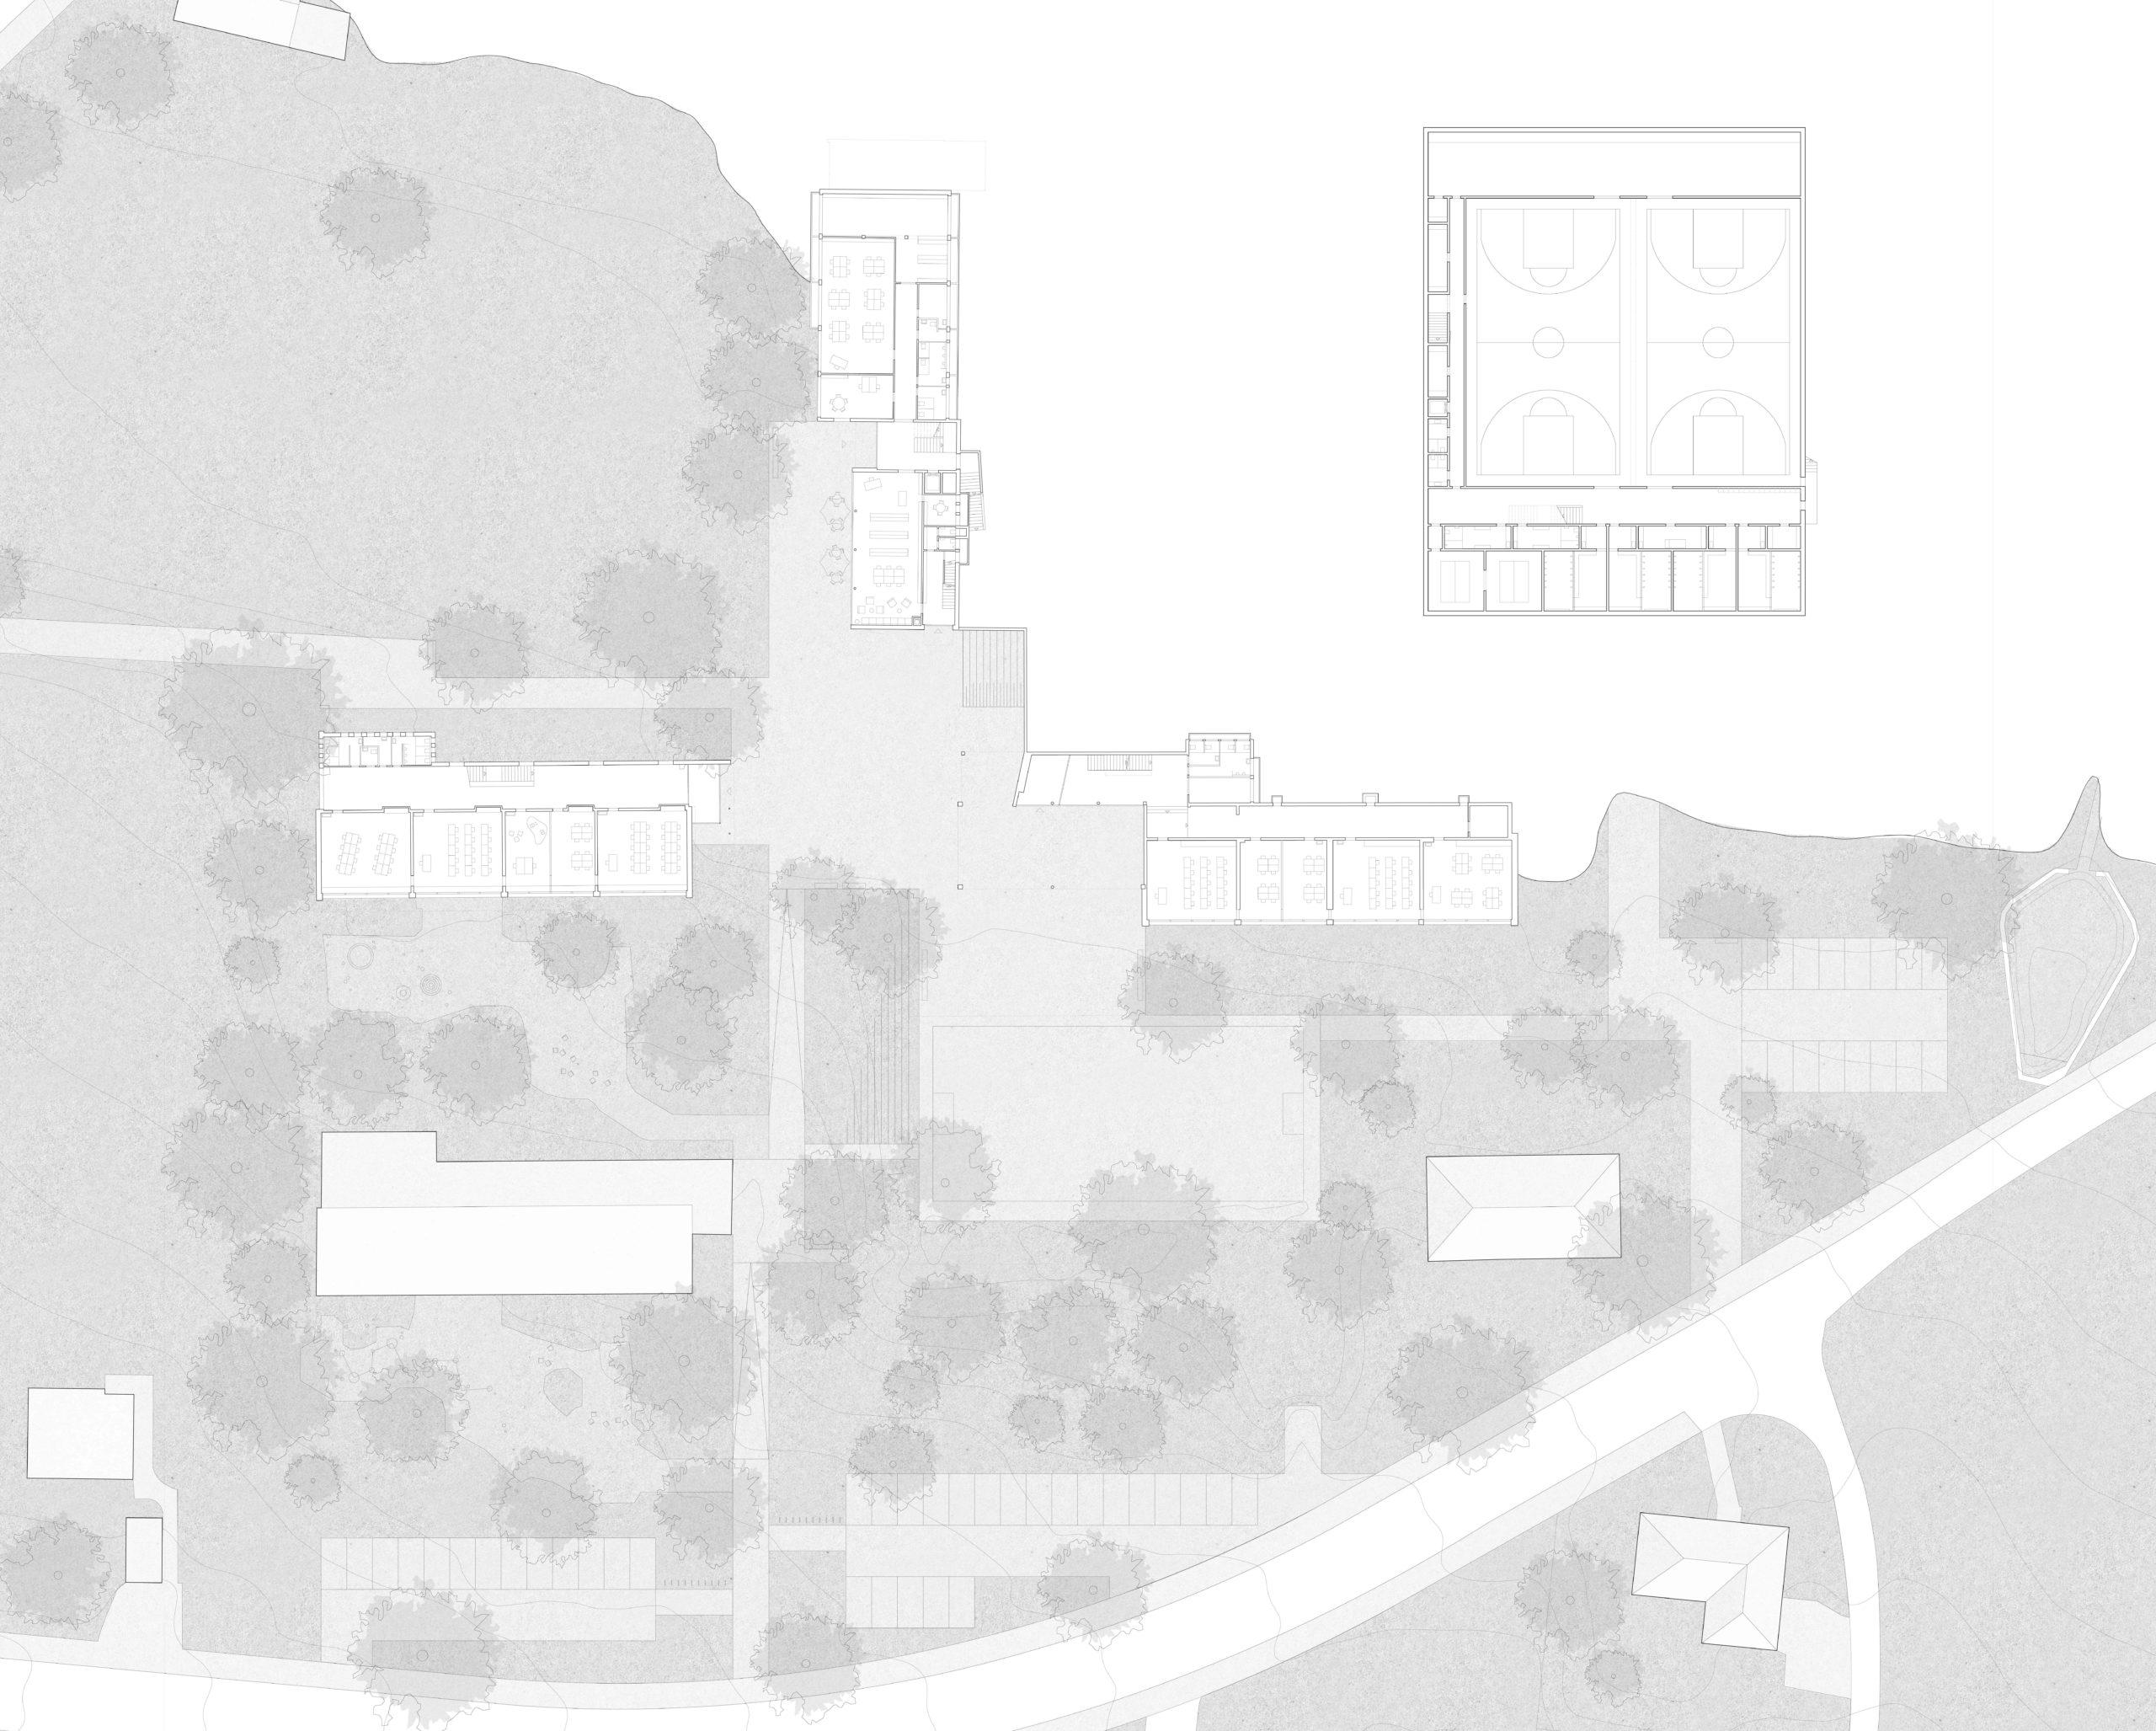 STUDIO CORNEL STAEHELI Schulraumerweiterung und Neubau Doppelturnhalle SH Kastels Bestand Grundriss